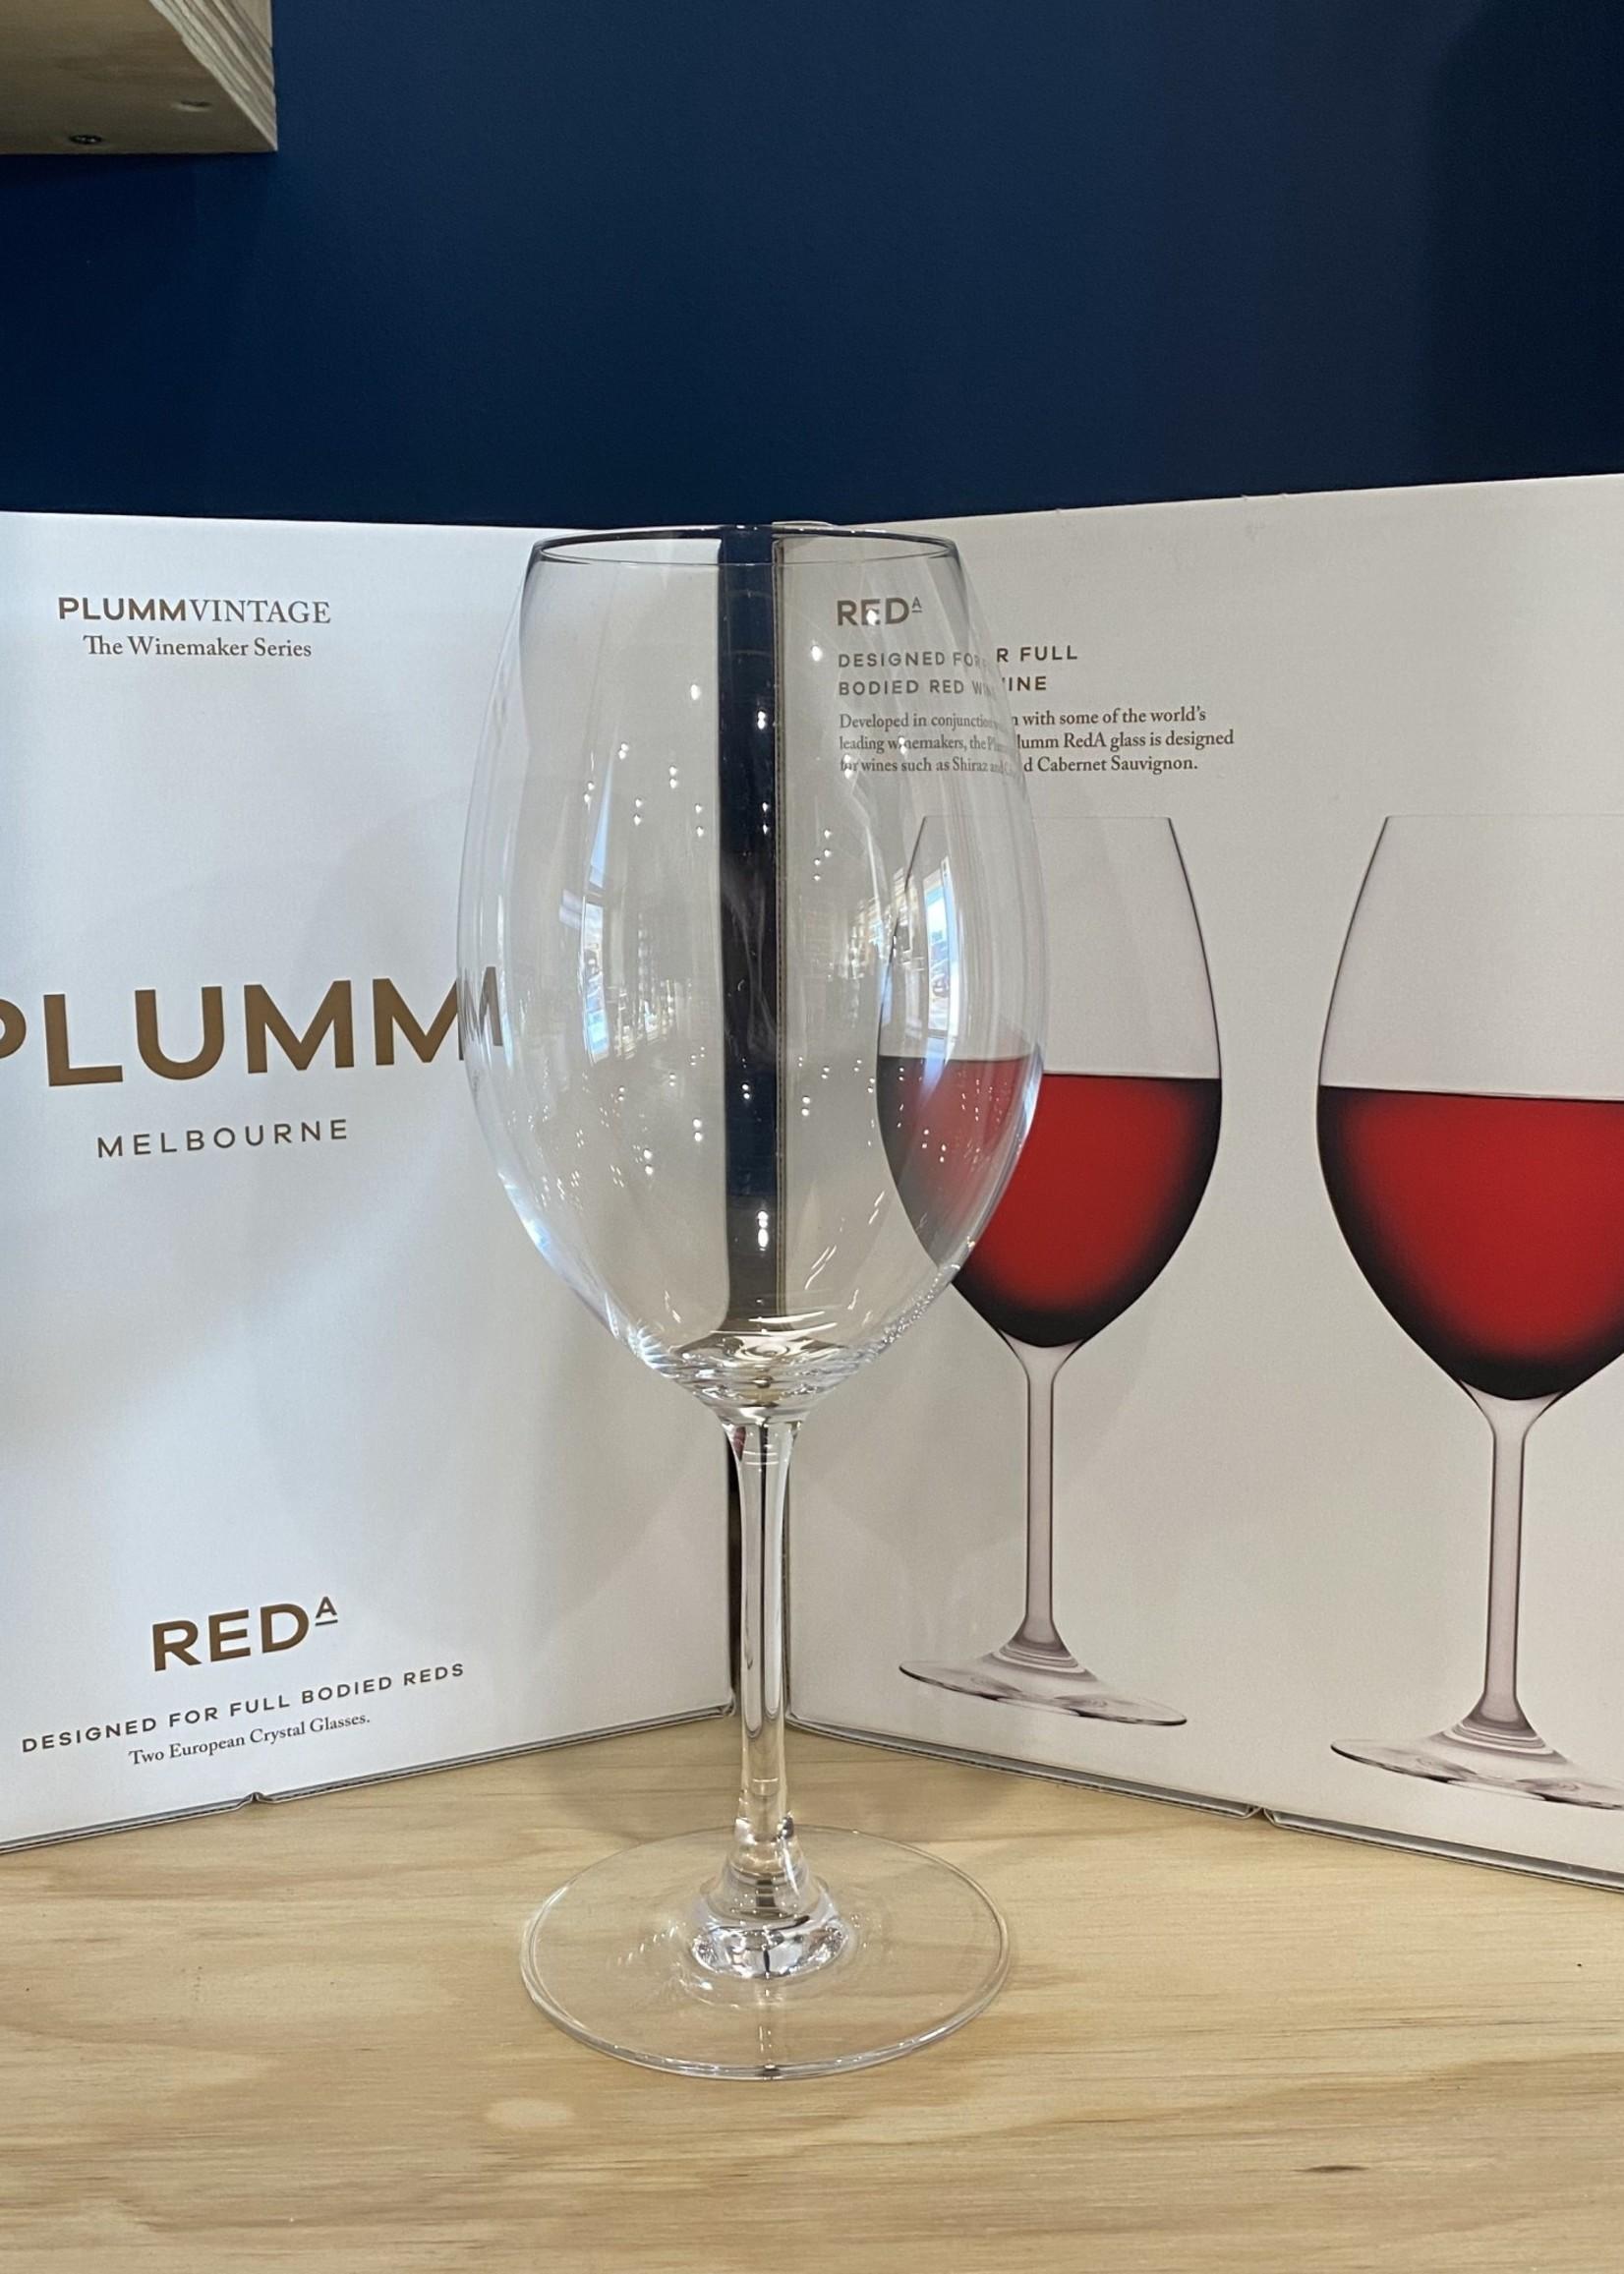 Plumm Plumm Vintage RedA